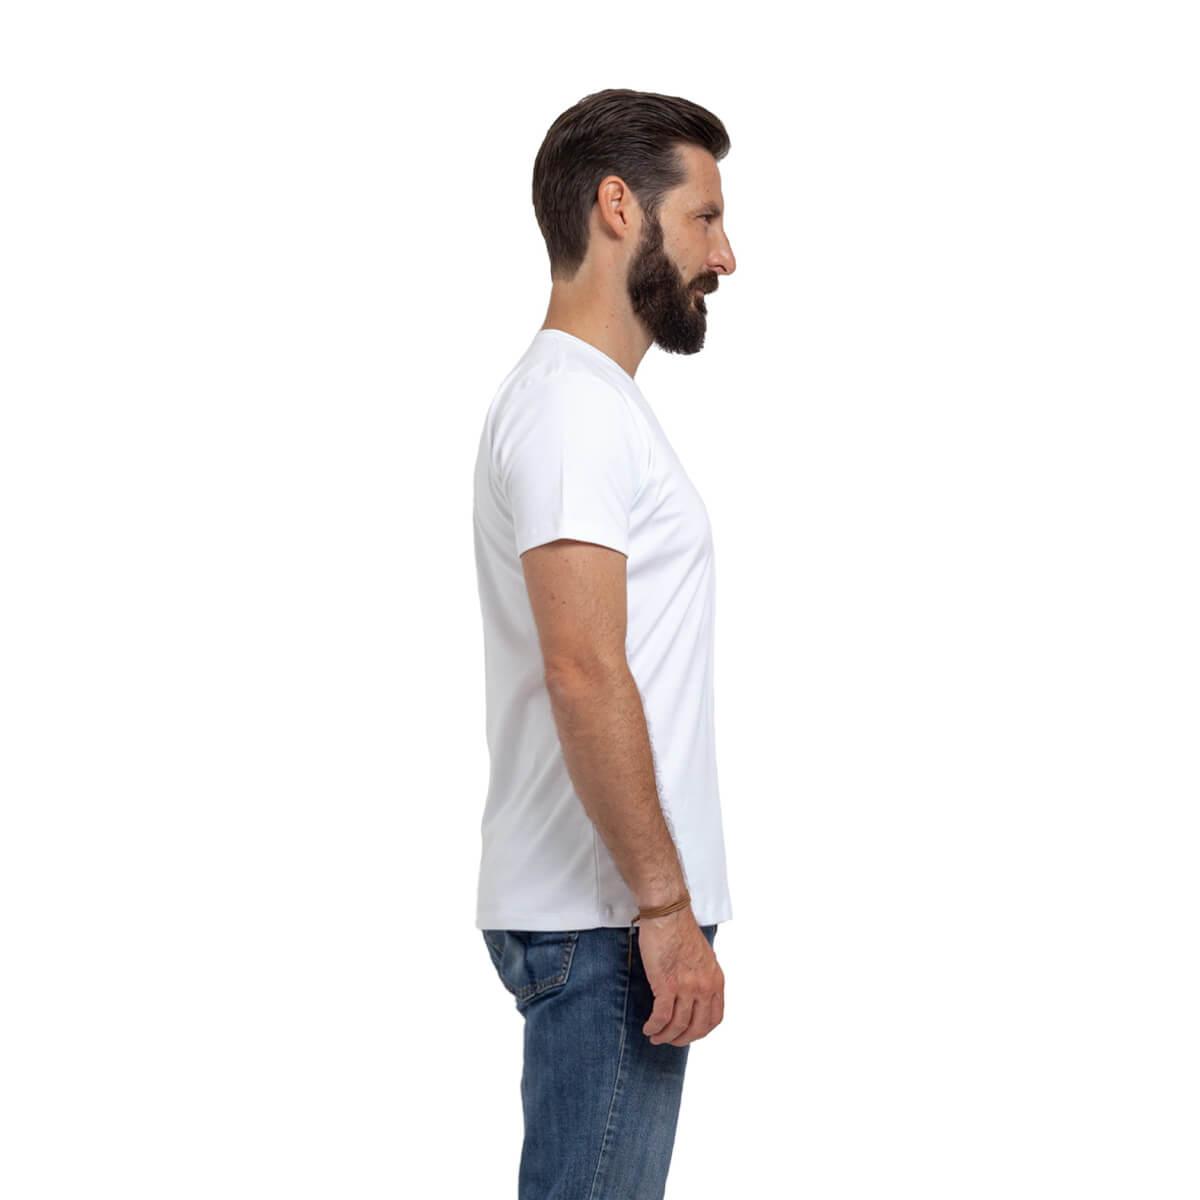 Franela esencial cuello redondo blanco hombre lado